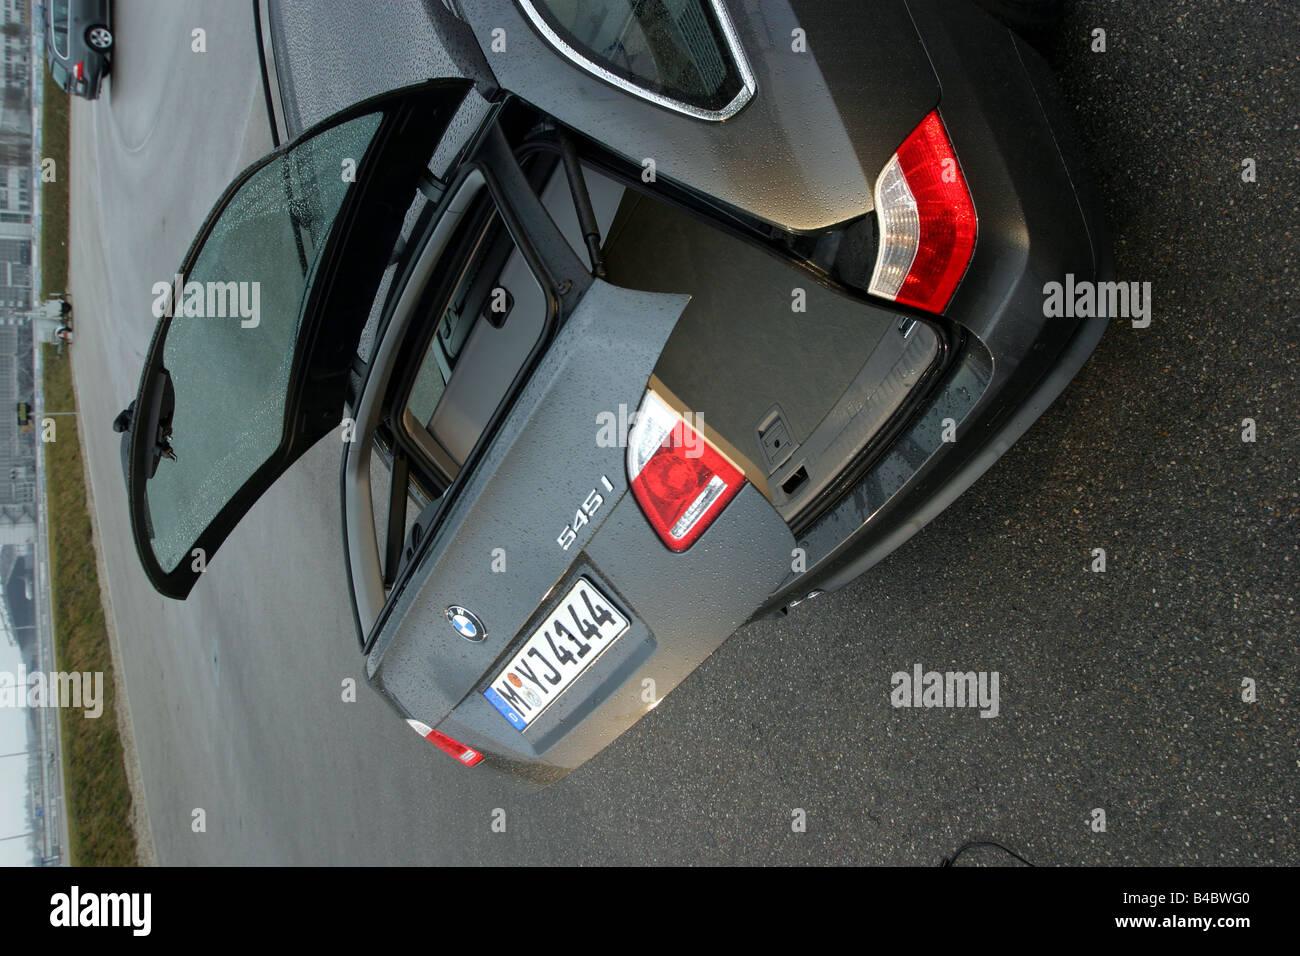 Bmw 545i Stockfotos & Bmw 545i Bilder - Alamy